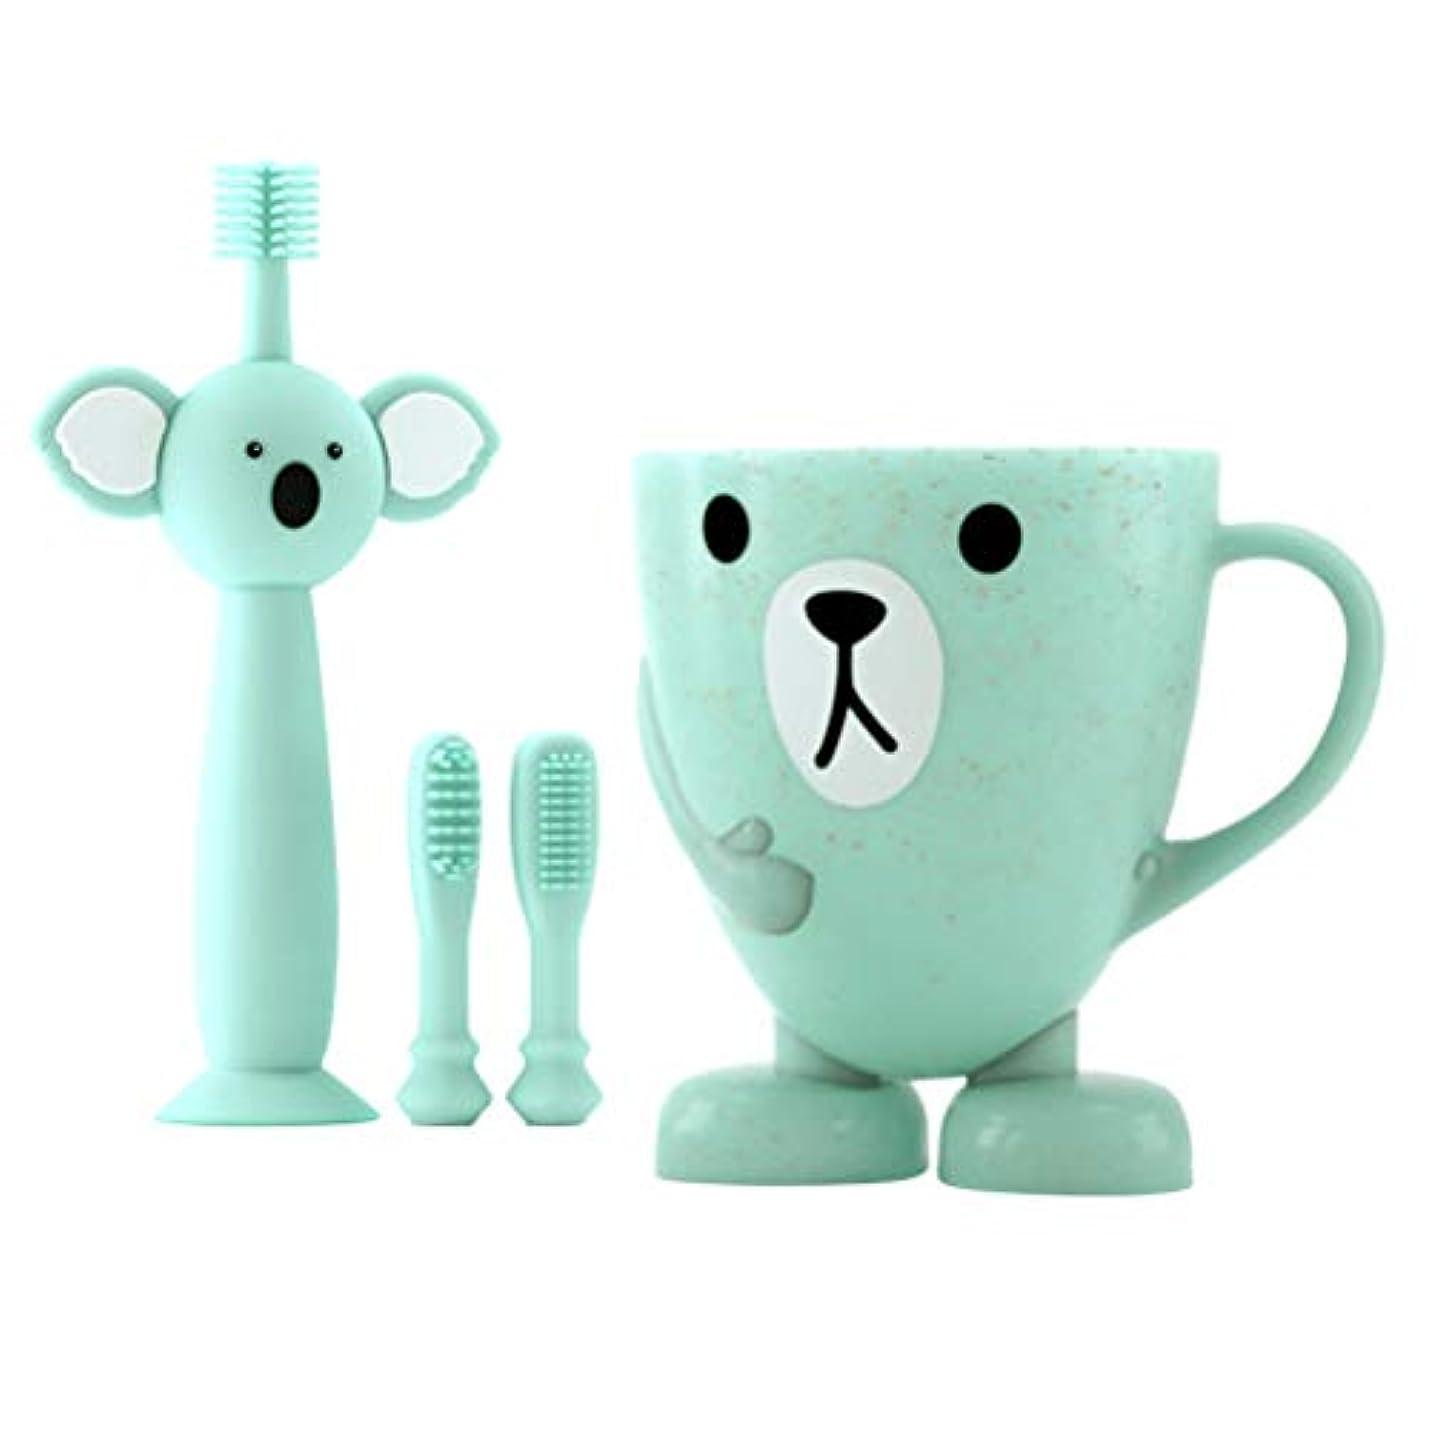 実行襲撃品種TOYANDONA 赤ちゃんの歯のクリーニングセット幼児シリコン歯ブラシ2個付き交換用ブラシヘ??ッドカップ4個